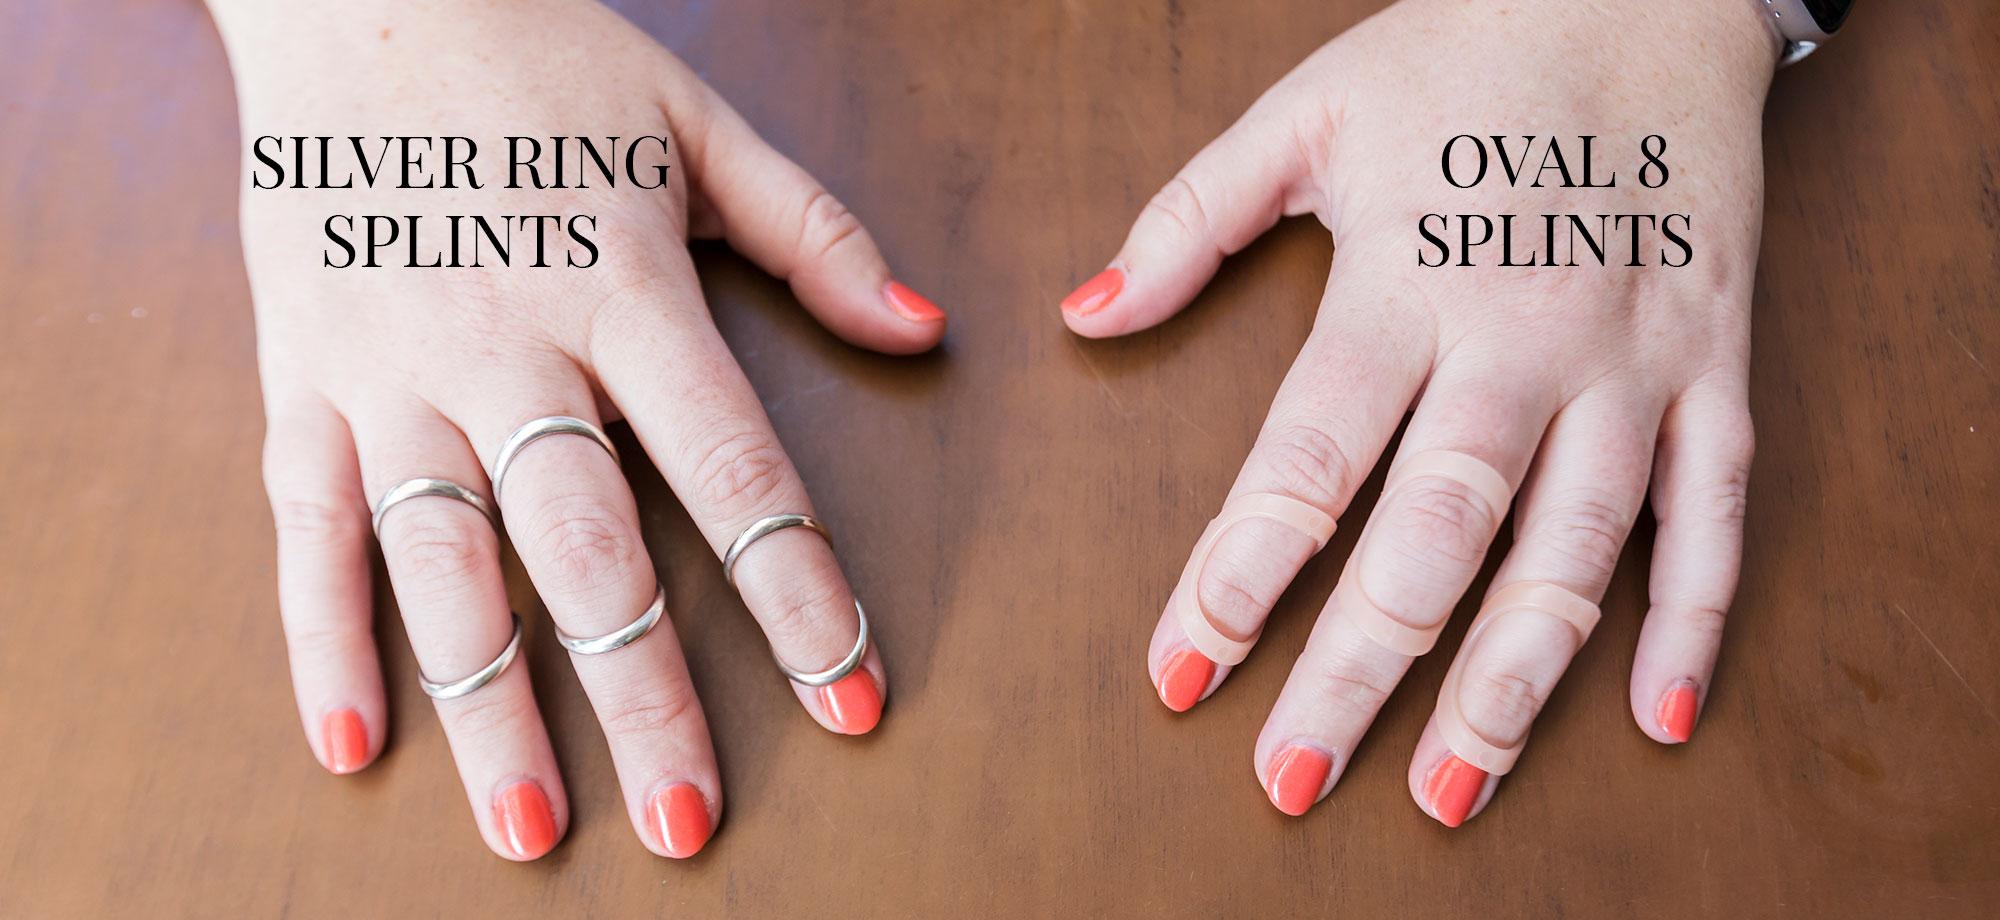 silver ring splints